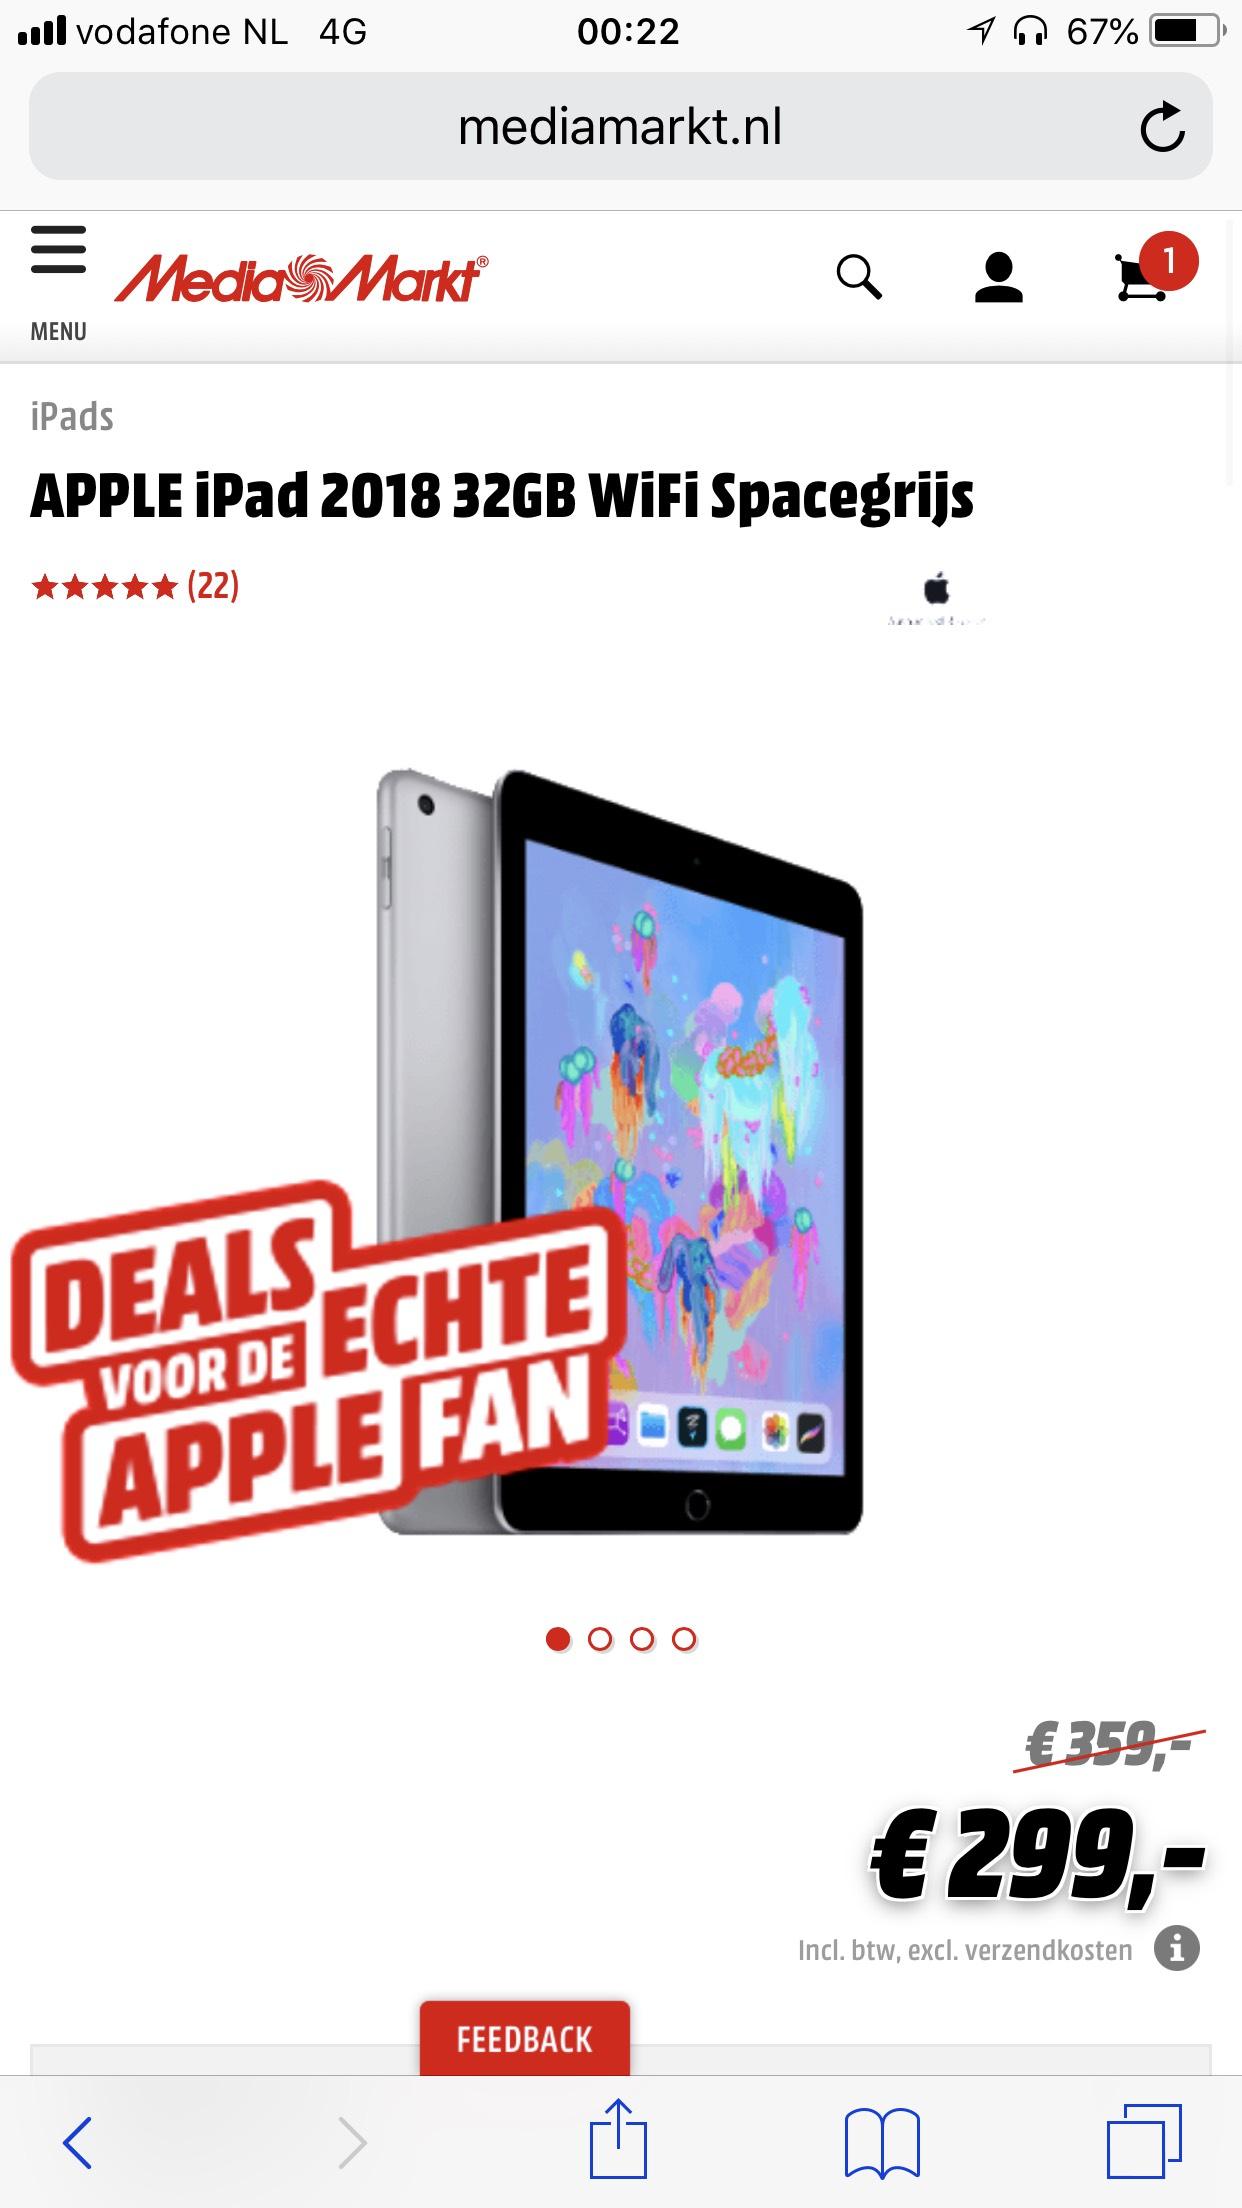 Ipad 2018 32GB voor €299,- @ Mediamarkt